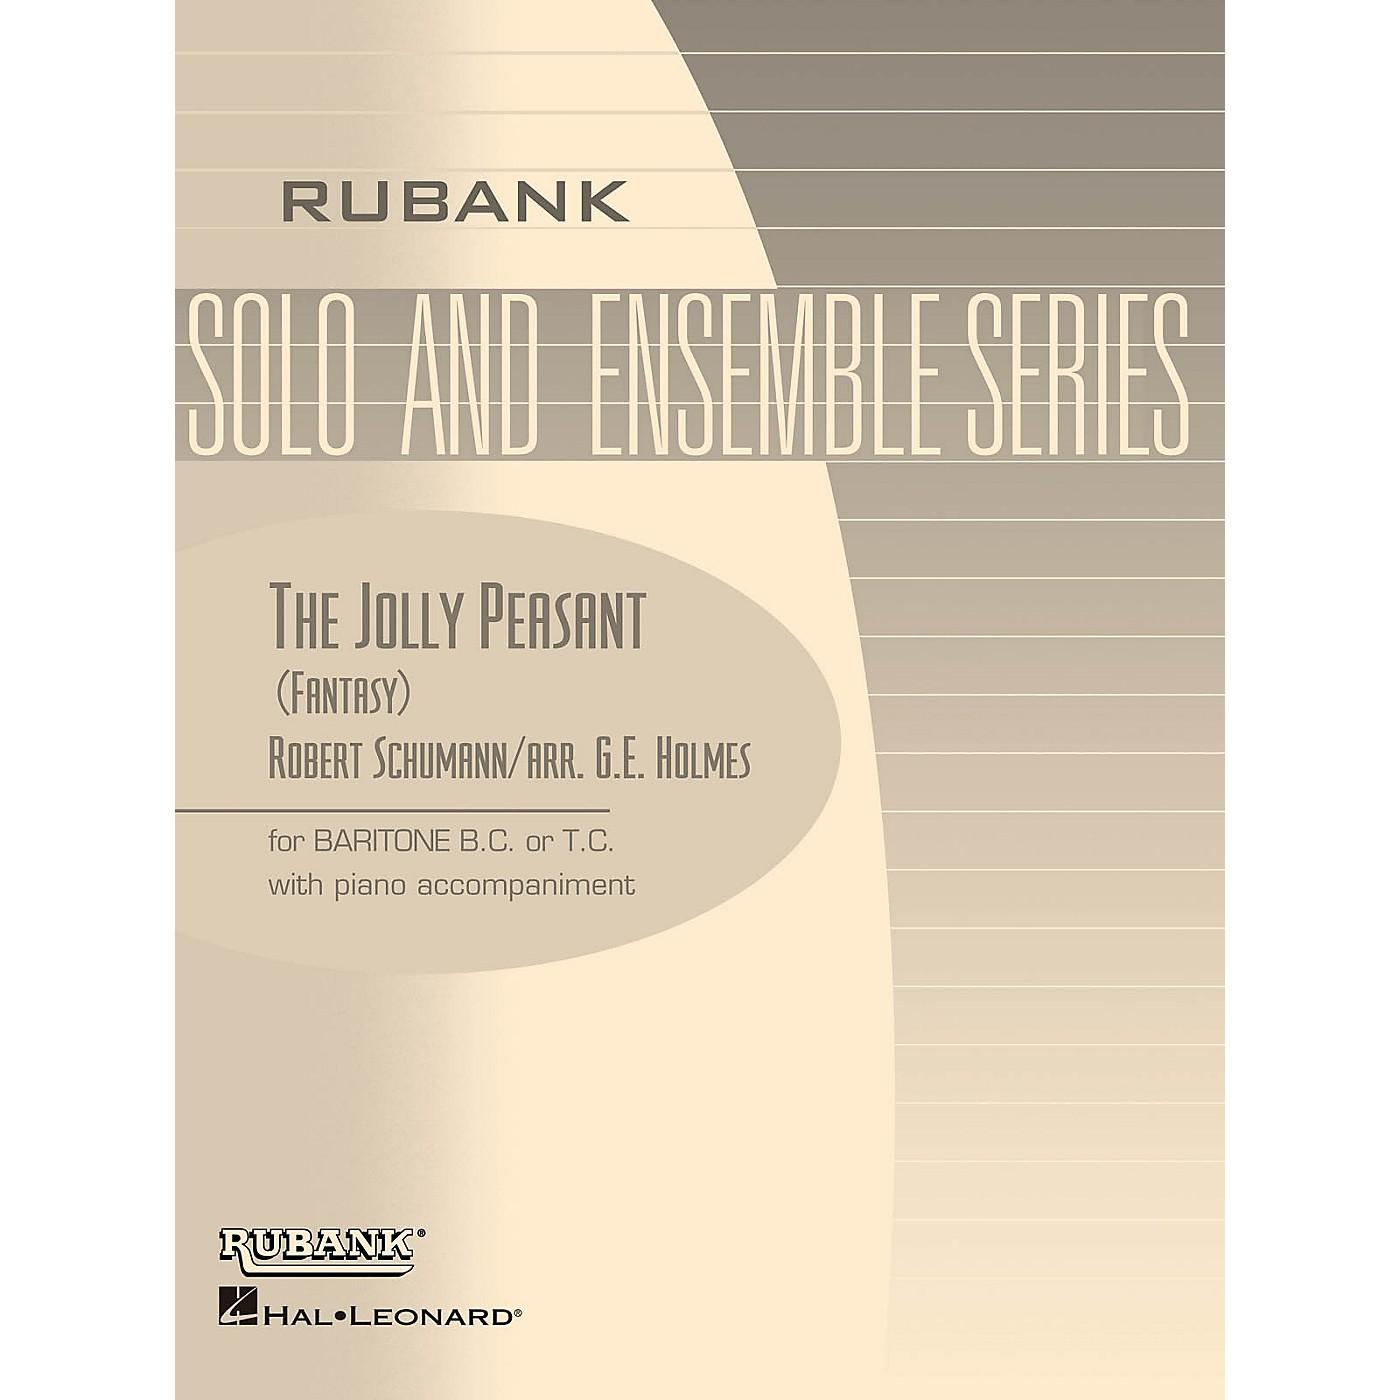 Rubank Publications The Jolly Peasant (Fantasy) Rubank Solo/Ensemble Sheet Series thumbnail